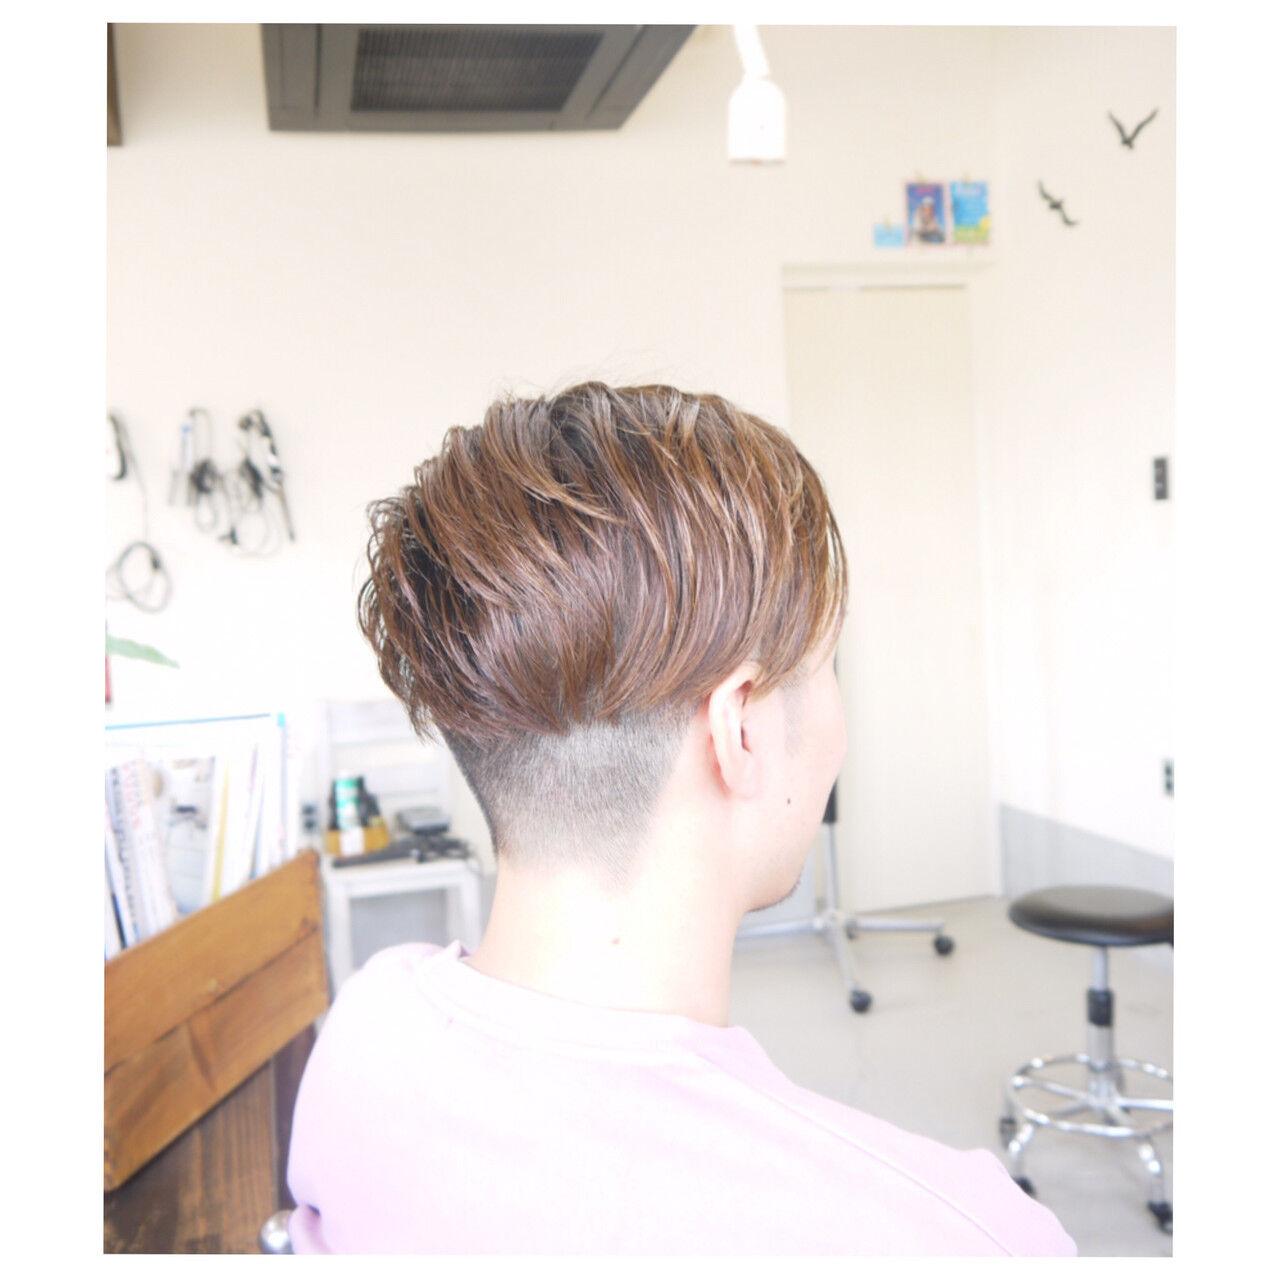 ナチュラル ショート 坊主 ボーイッシュヘアスタイルや髪型の写真・画像